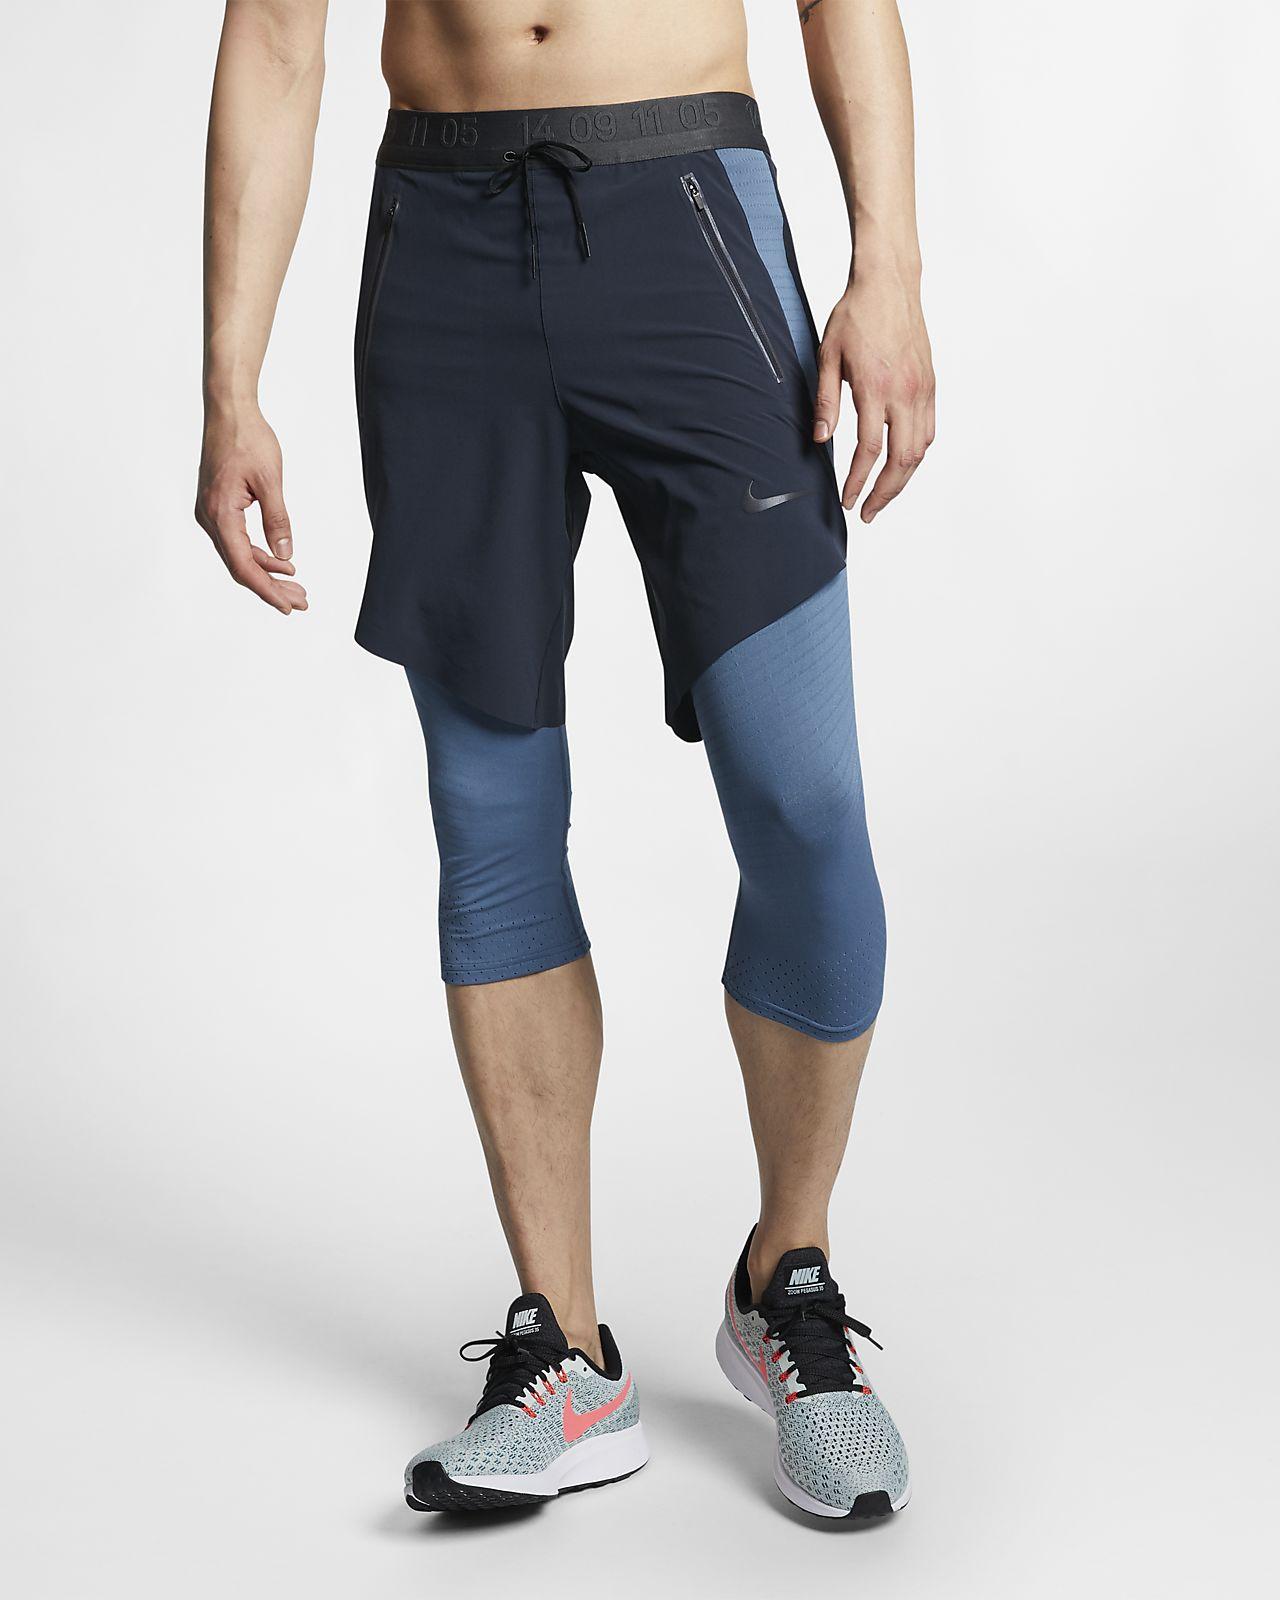 Löparbyxor i trekvartslängd Nike Tech Pack för män